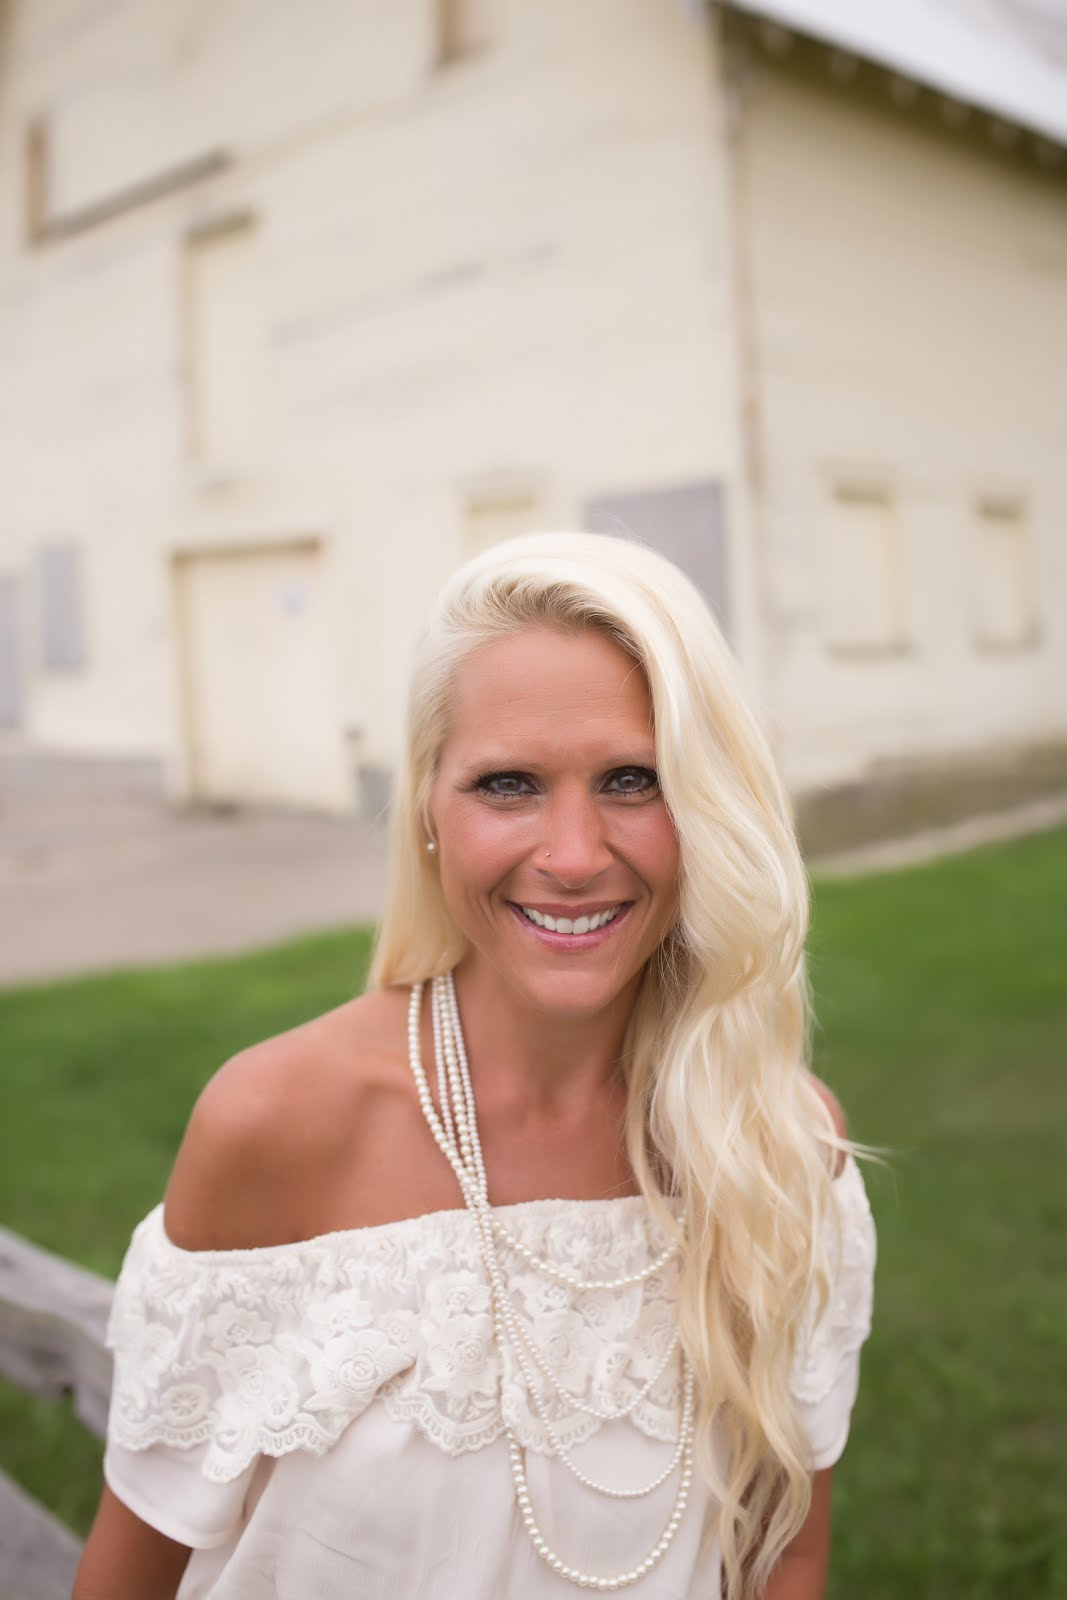 Natalie Mudd